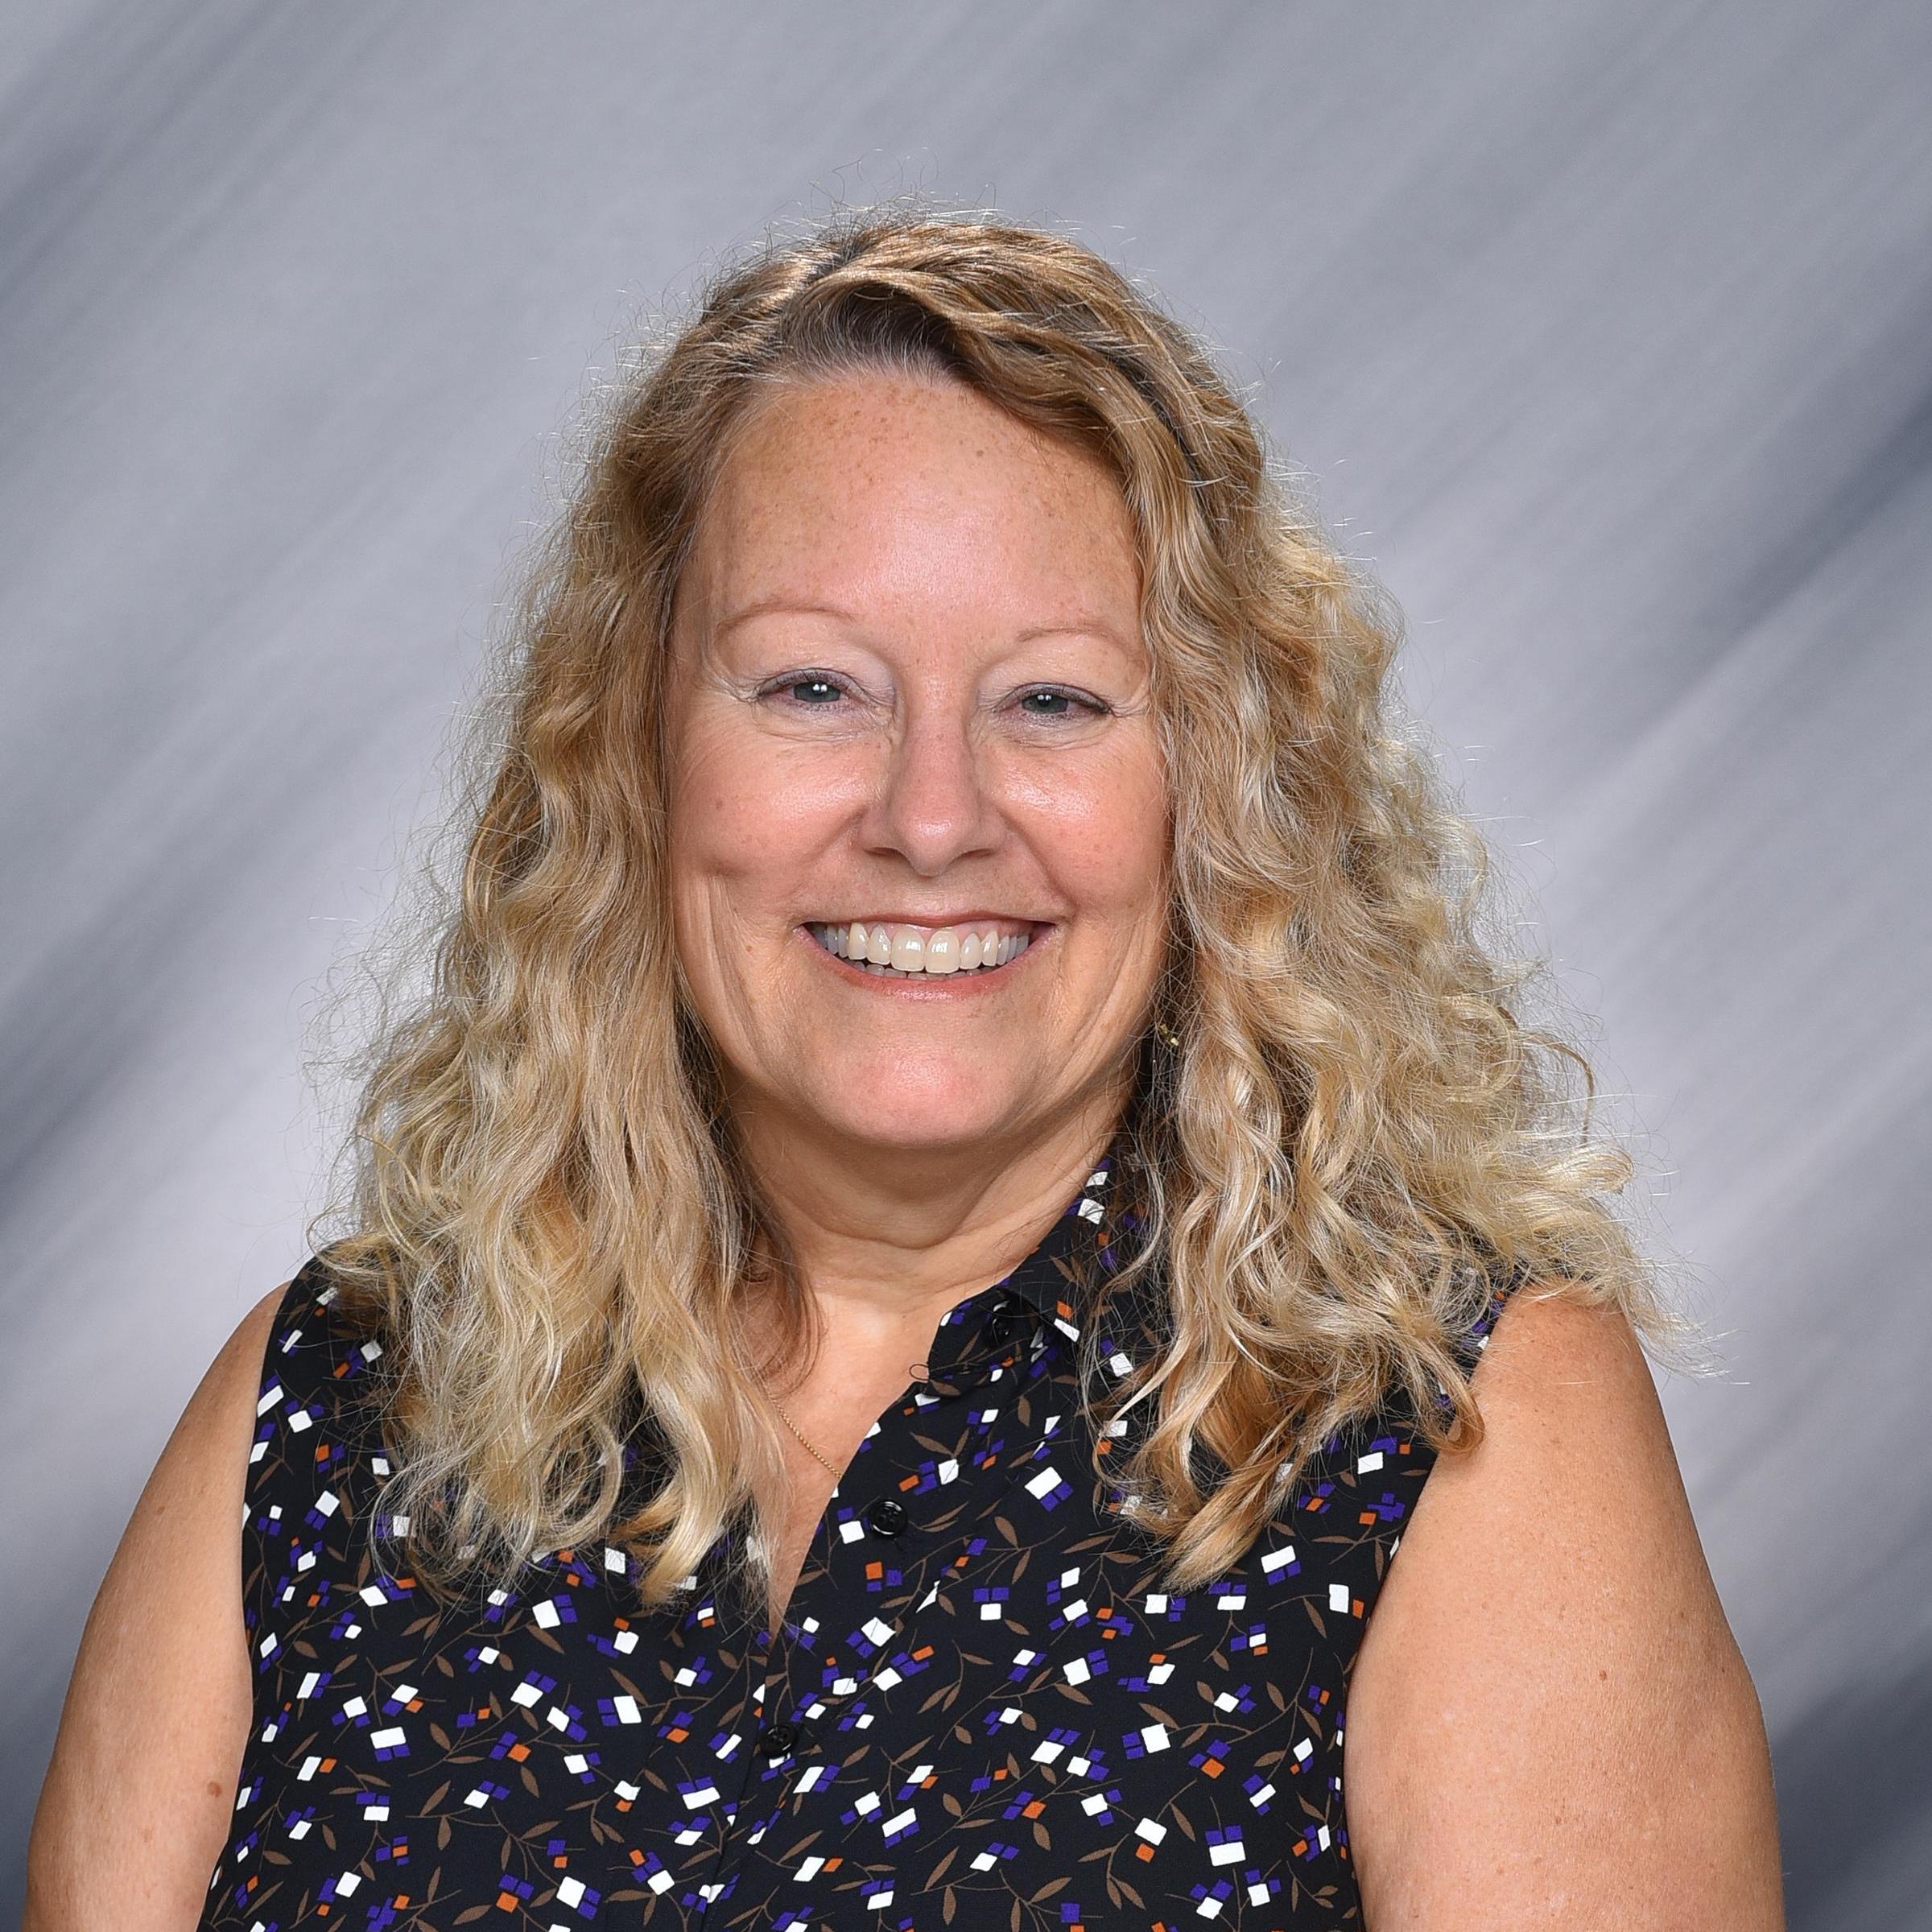 Karen Duplantier, Ph.D., LPC-S, NCC's Profile Photo